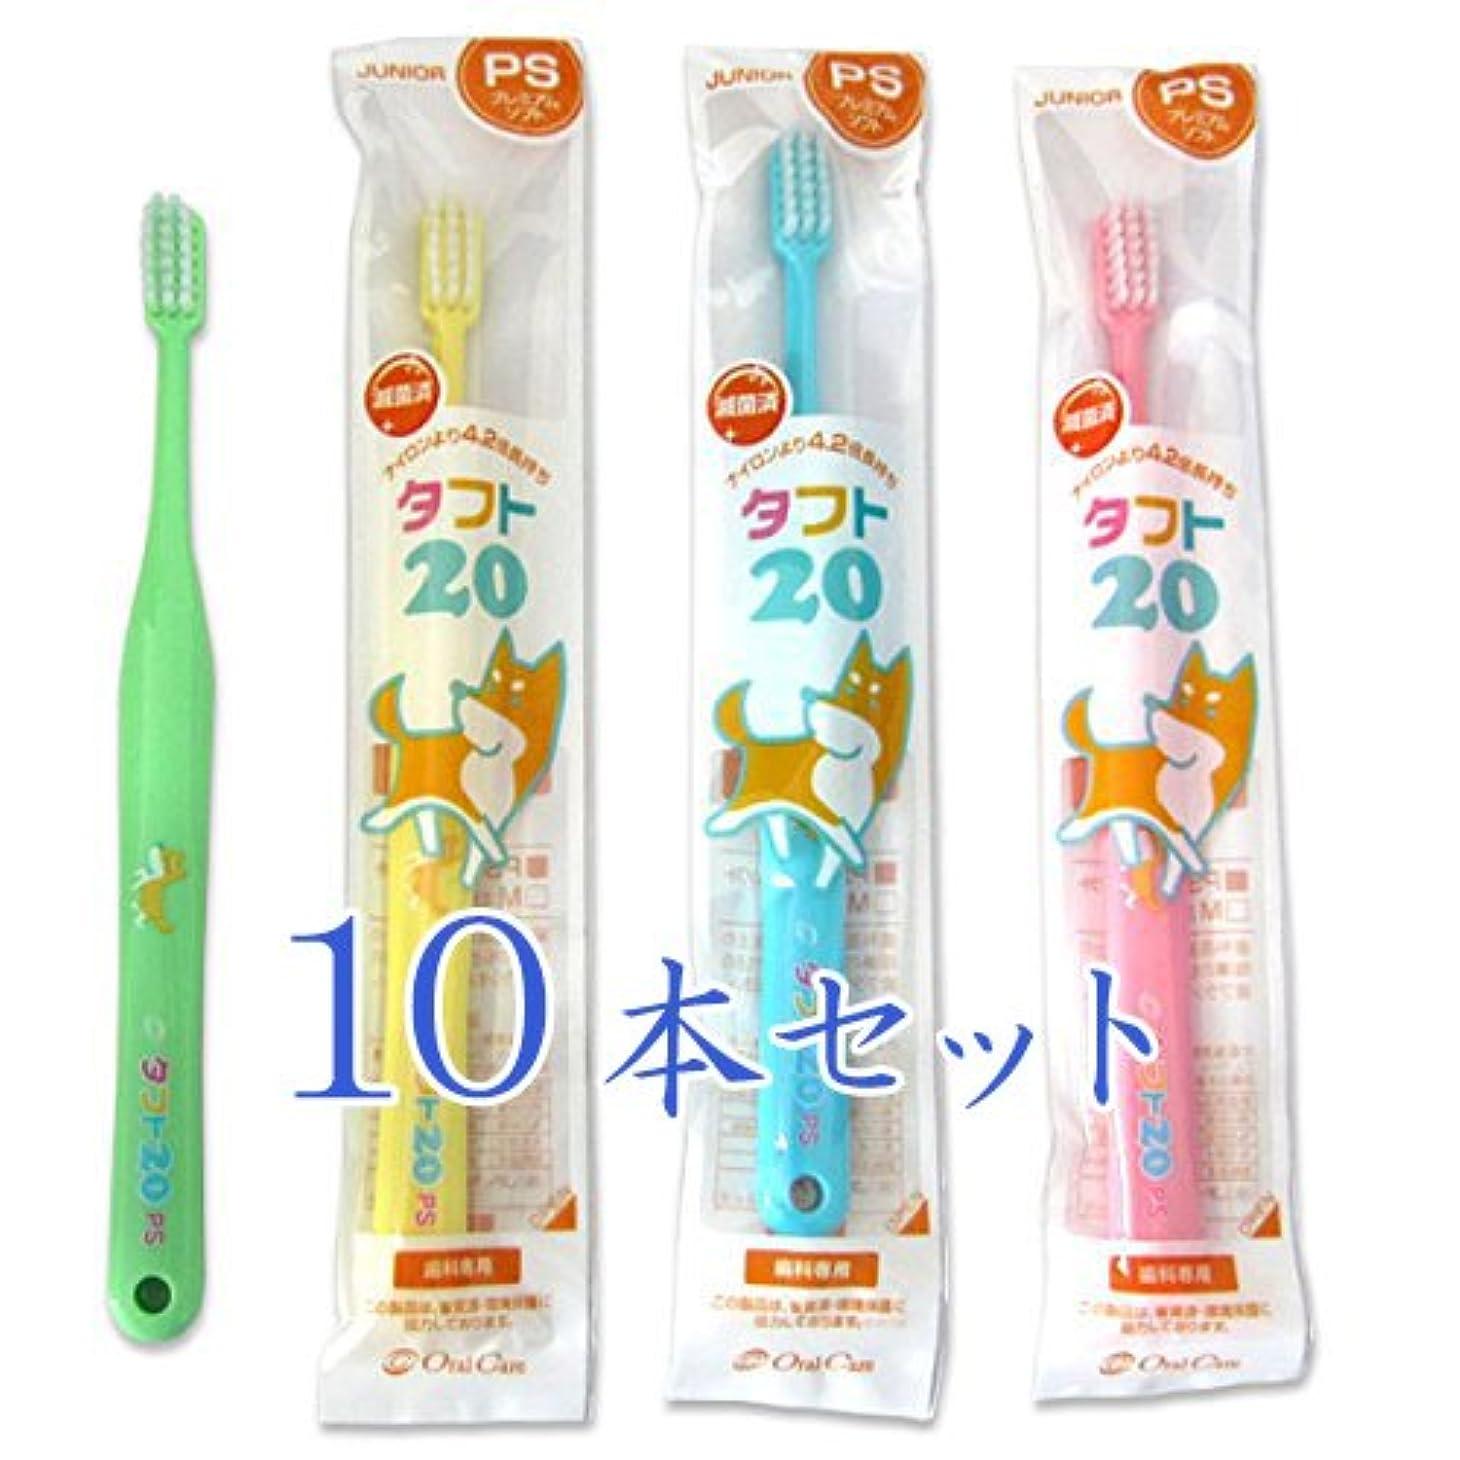 結婚式広々閉塞タフト20 PS プレミアムソフト 歯ブラシ混合歯列期用(6~12歳)×10本セット